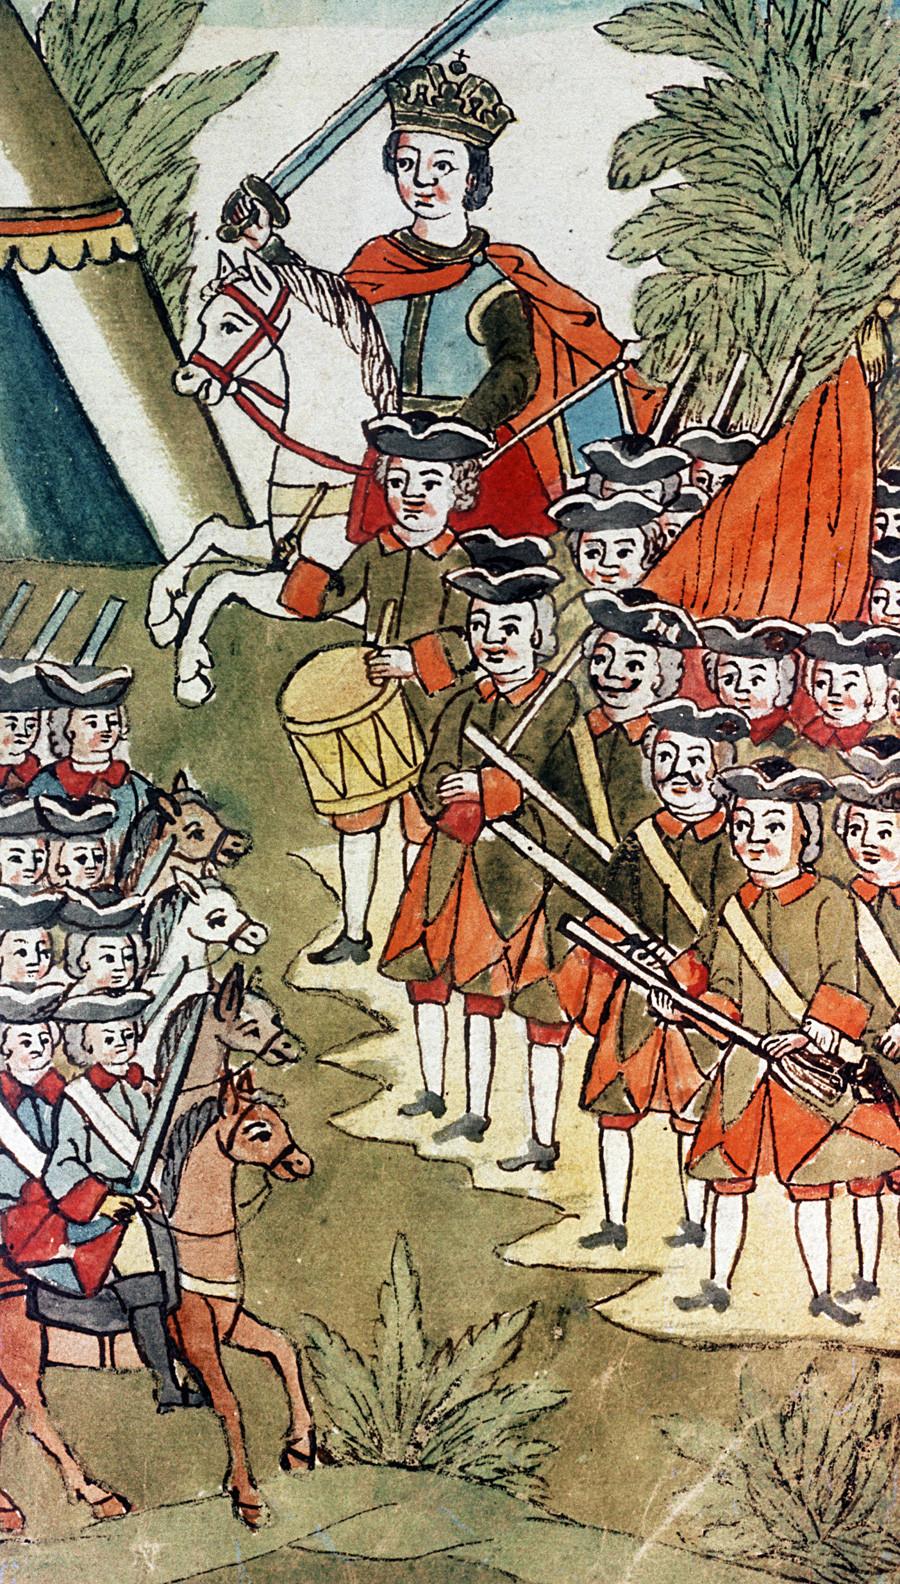 Der junge Peter der Große befehligt seine Spielregimenter.